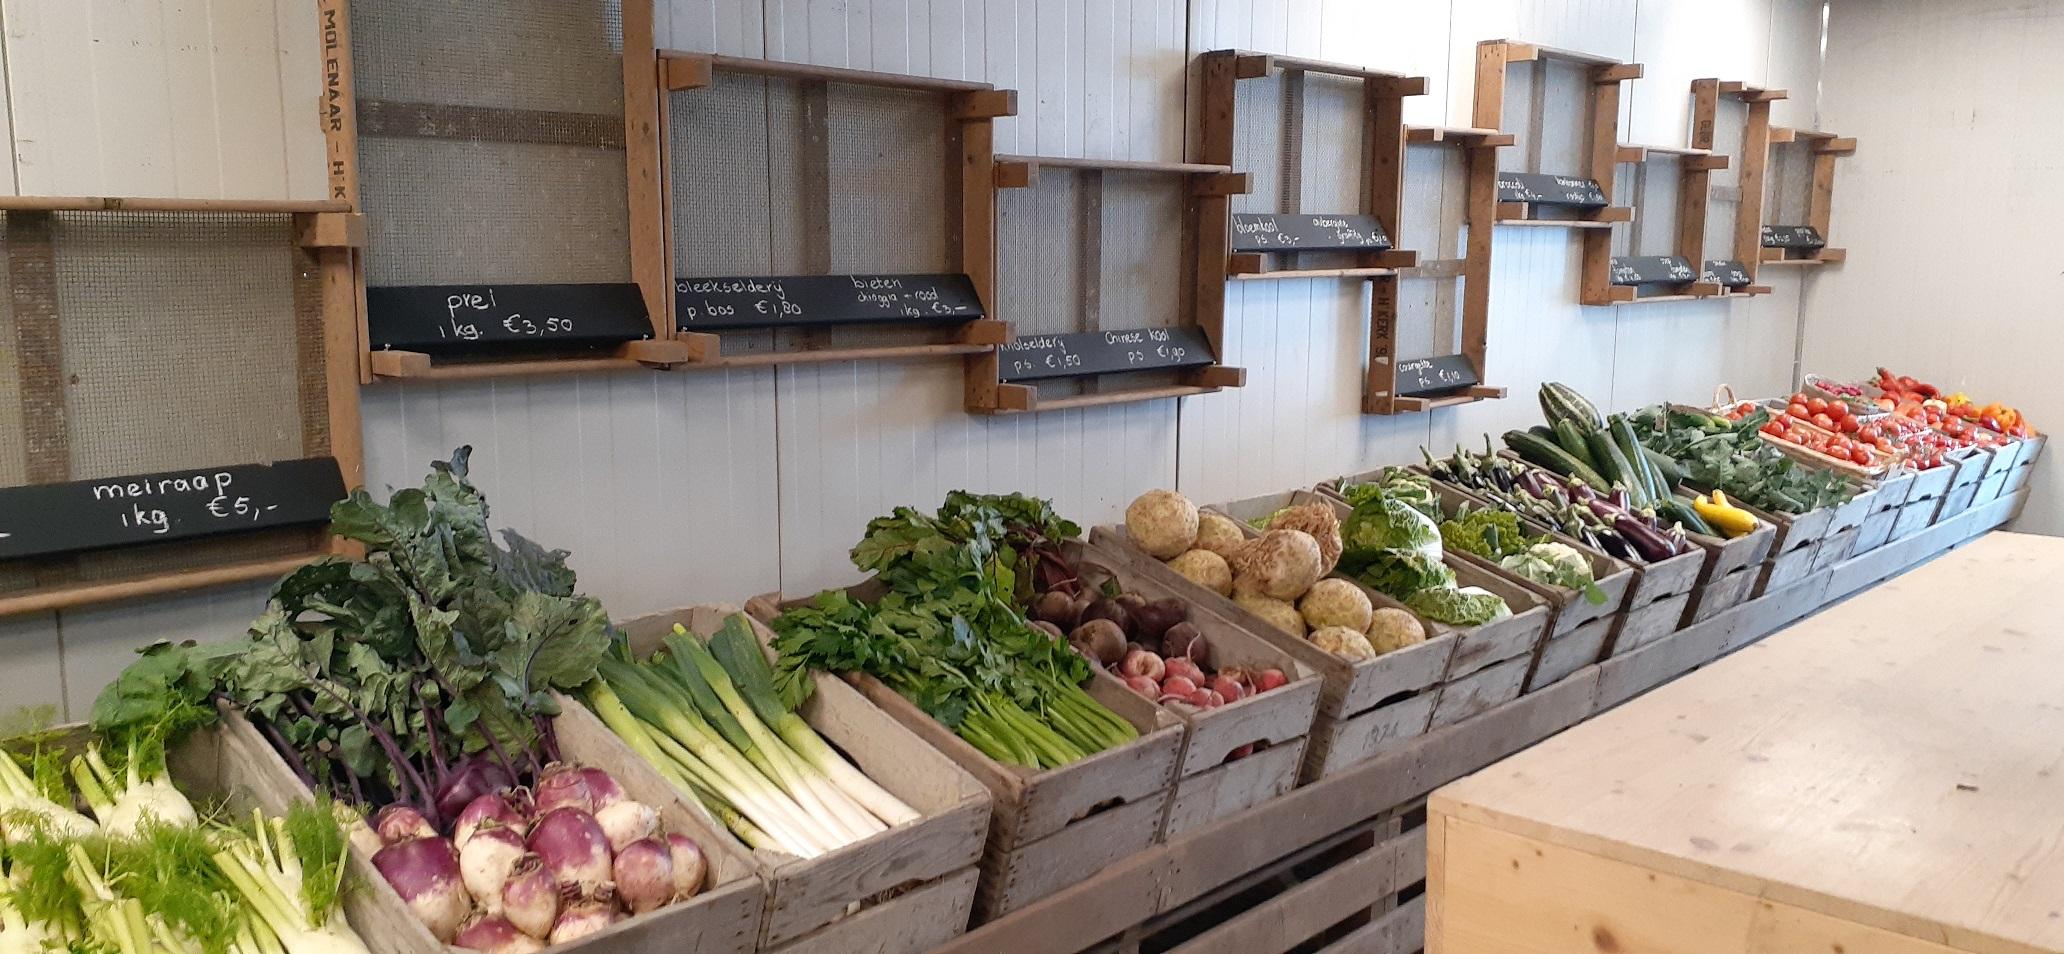 Biologische groendte in display